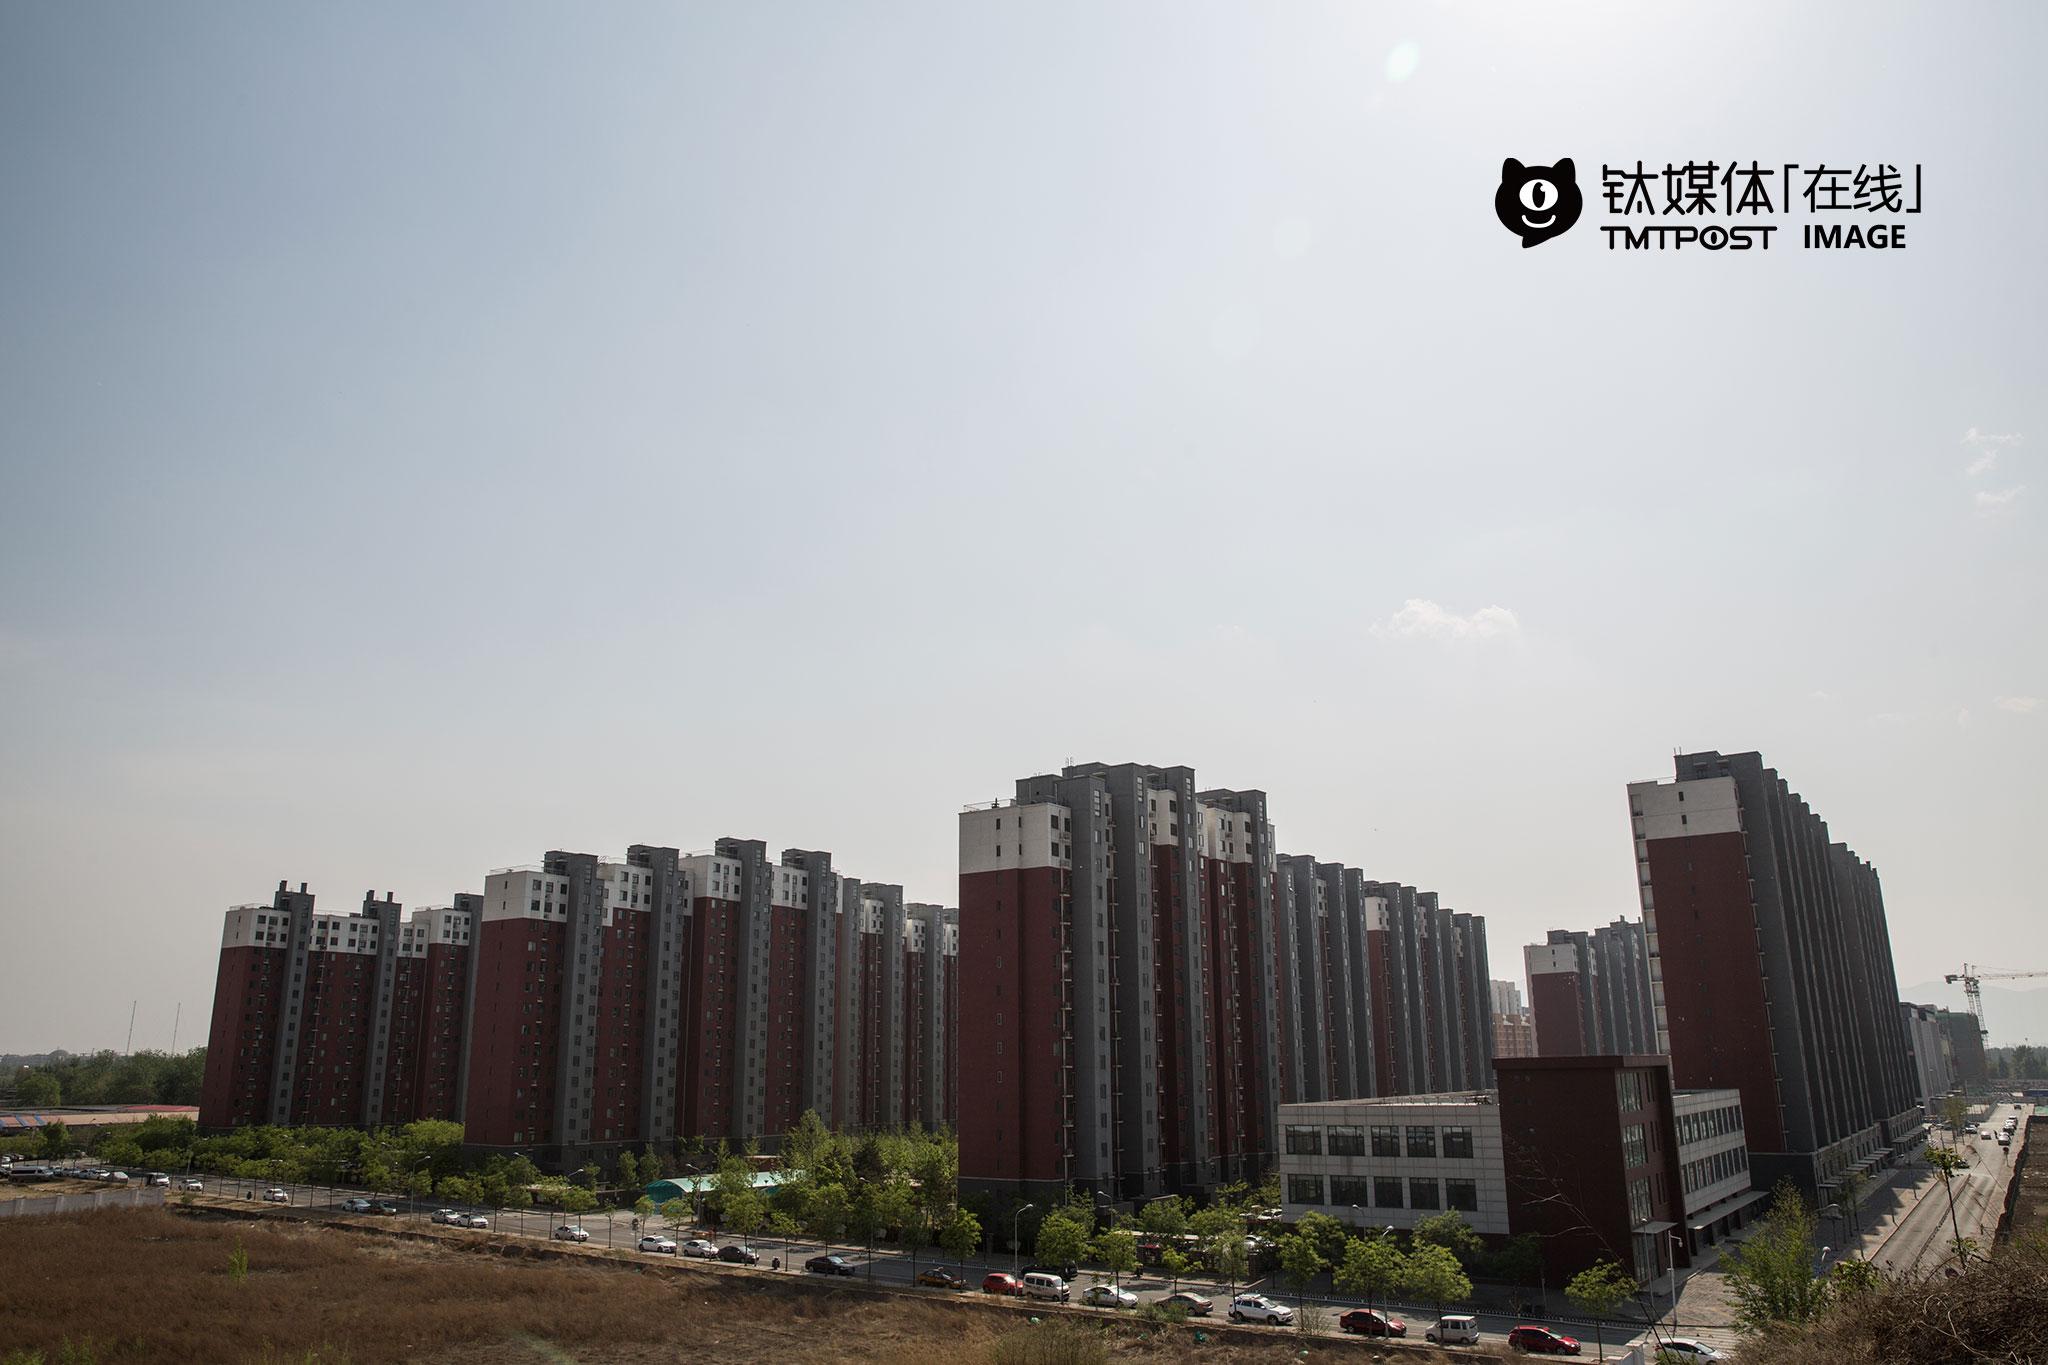 """中关村公园以北几百米,就是回迁小区""""唐家岭新城""""它的对面分布着中国空间技术研究院、中科院光电研究院等机构。"""